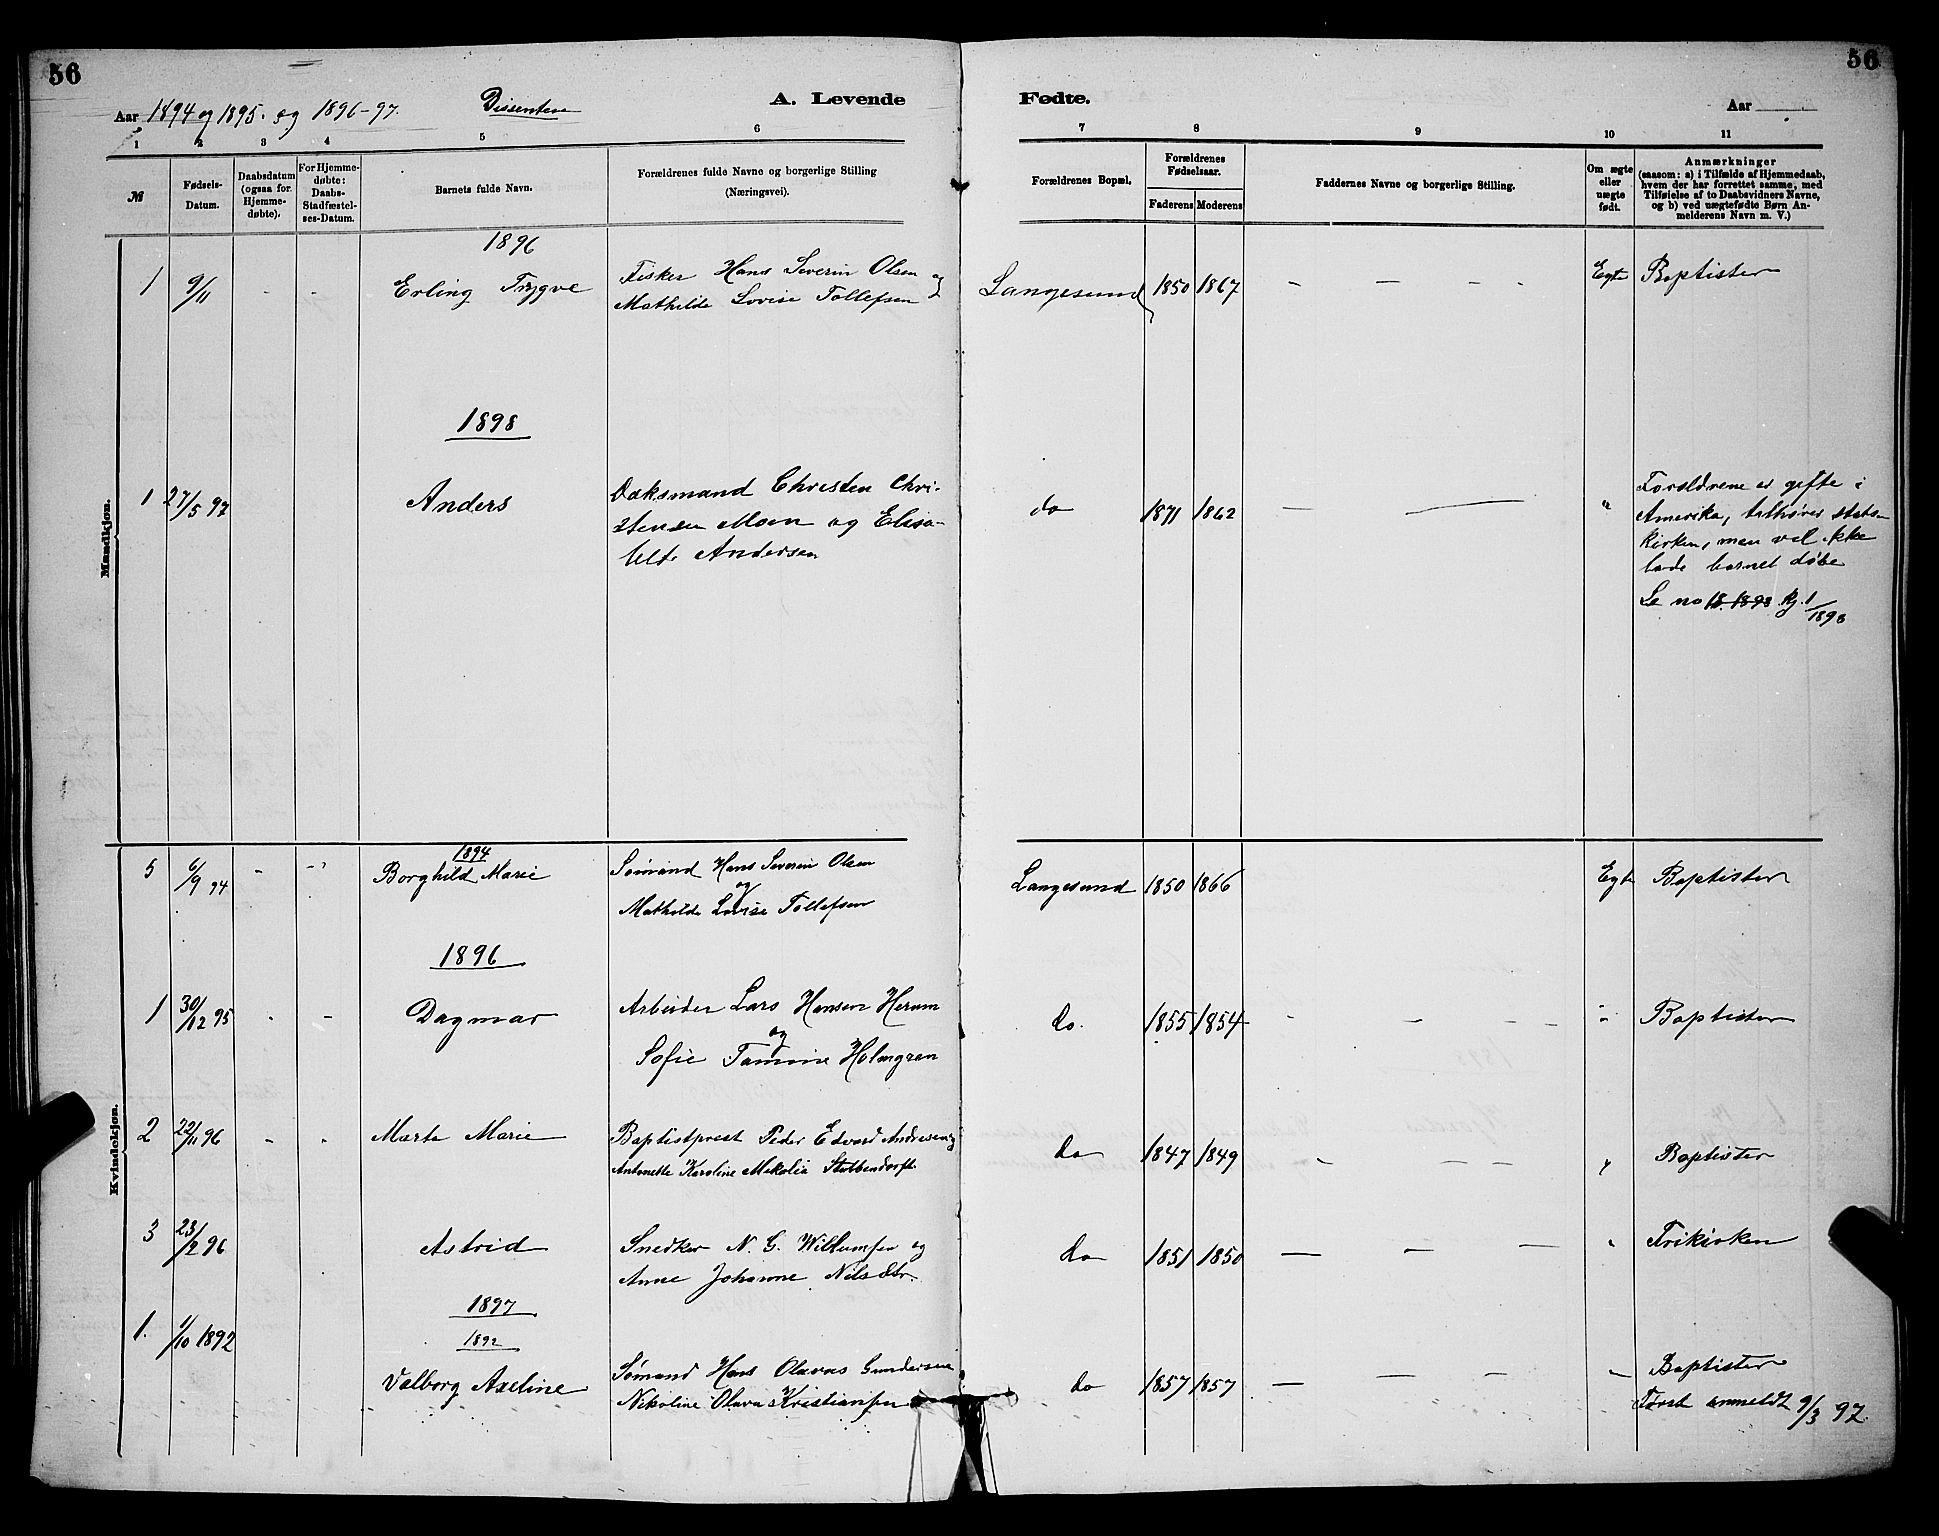 SAKO, Langesund kirkebøker, G/Ga/L0005: Klokkerbok nr. 5, 1884-1898, s. 56